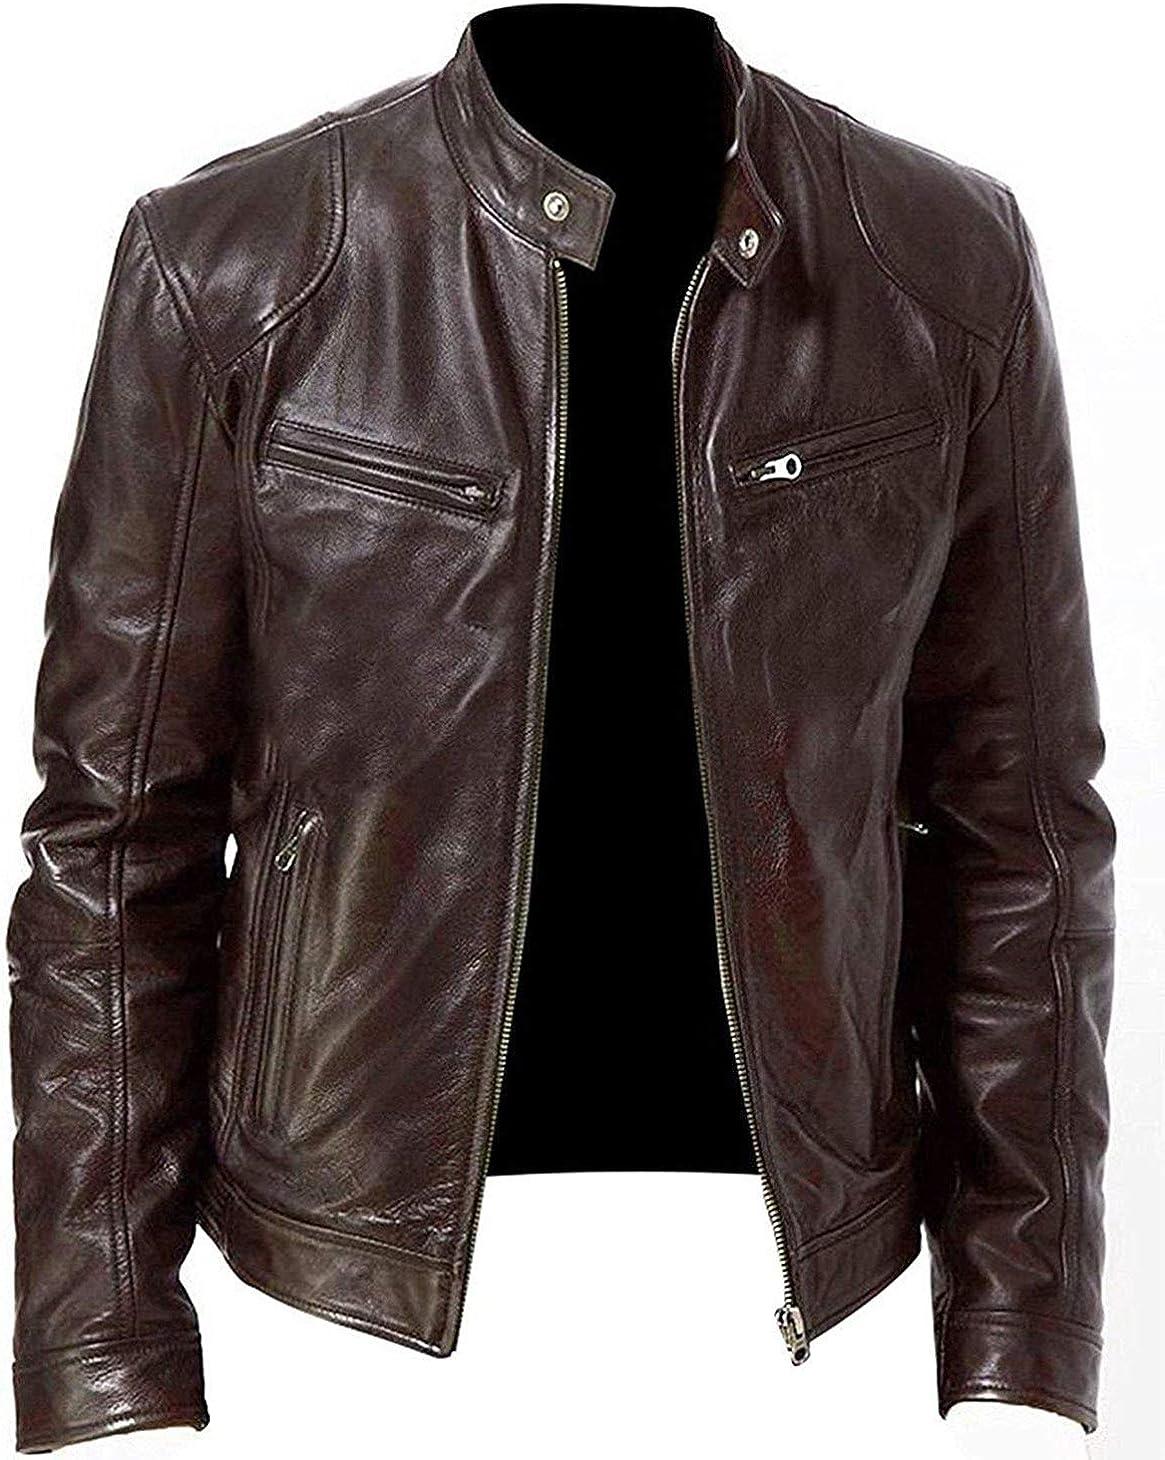 Vintage Cafe Racer Disstressed Black Leather Jacket   Motorcycle Cafe Racer Jacket   Mens Vintage Leather Jacket